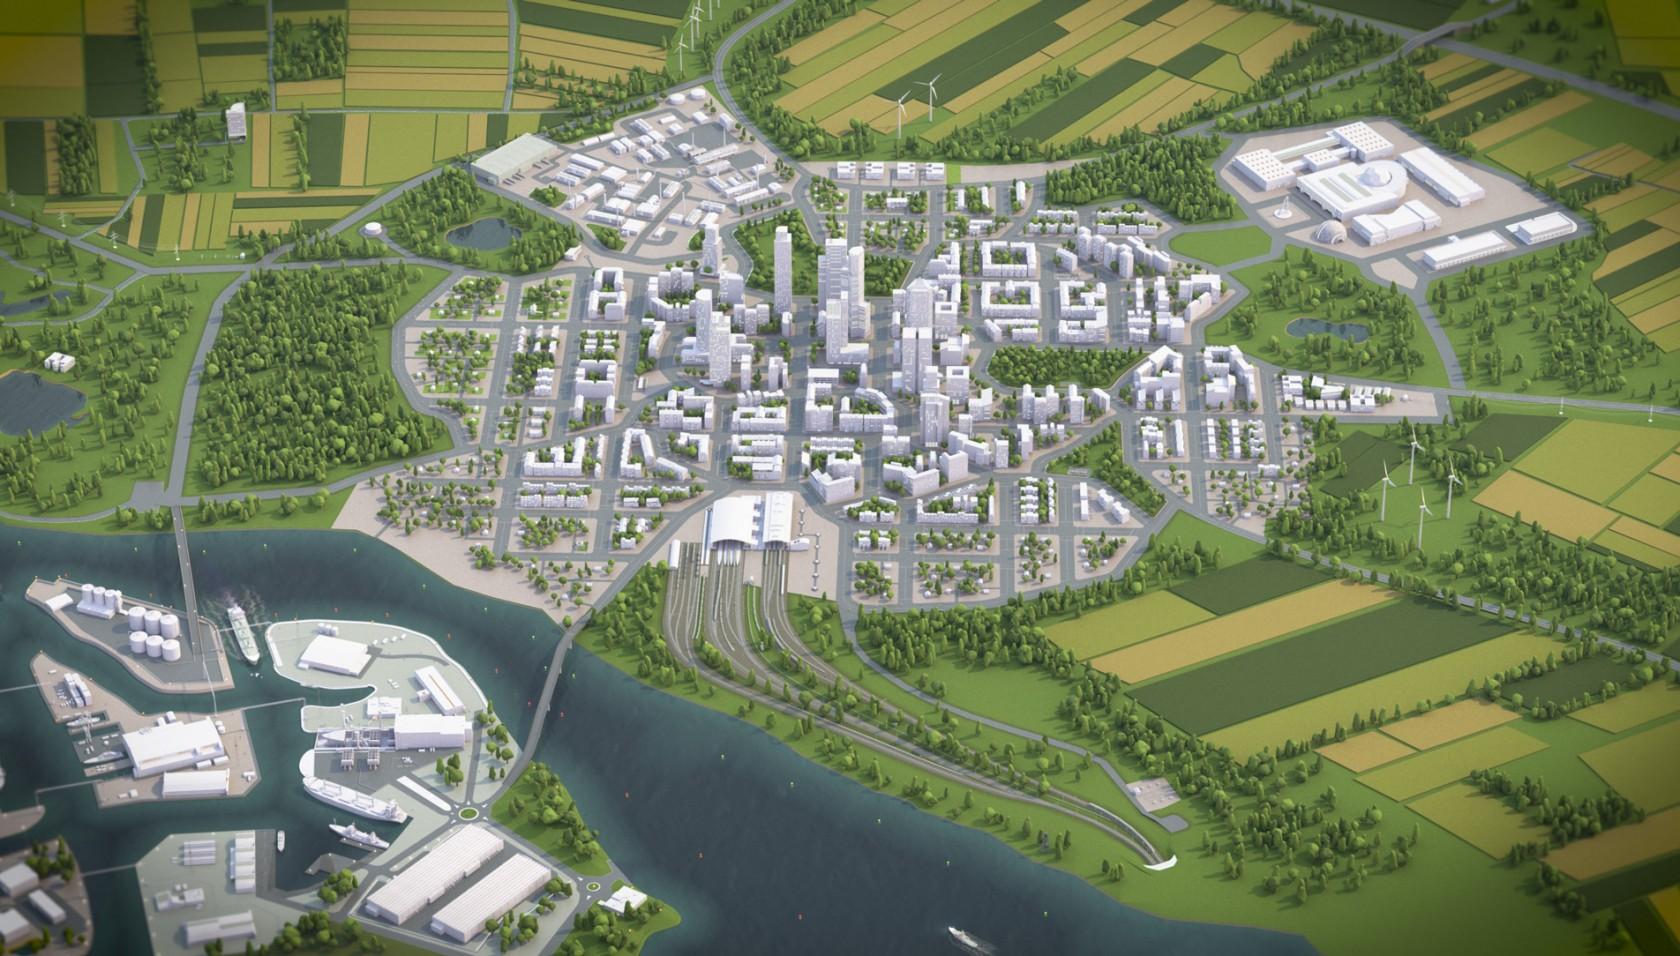 MENNEKES - An entire city as a virtual location